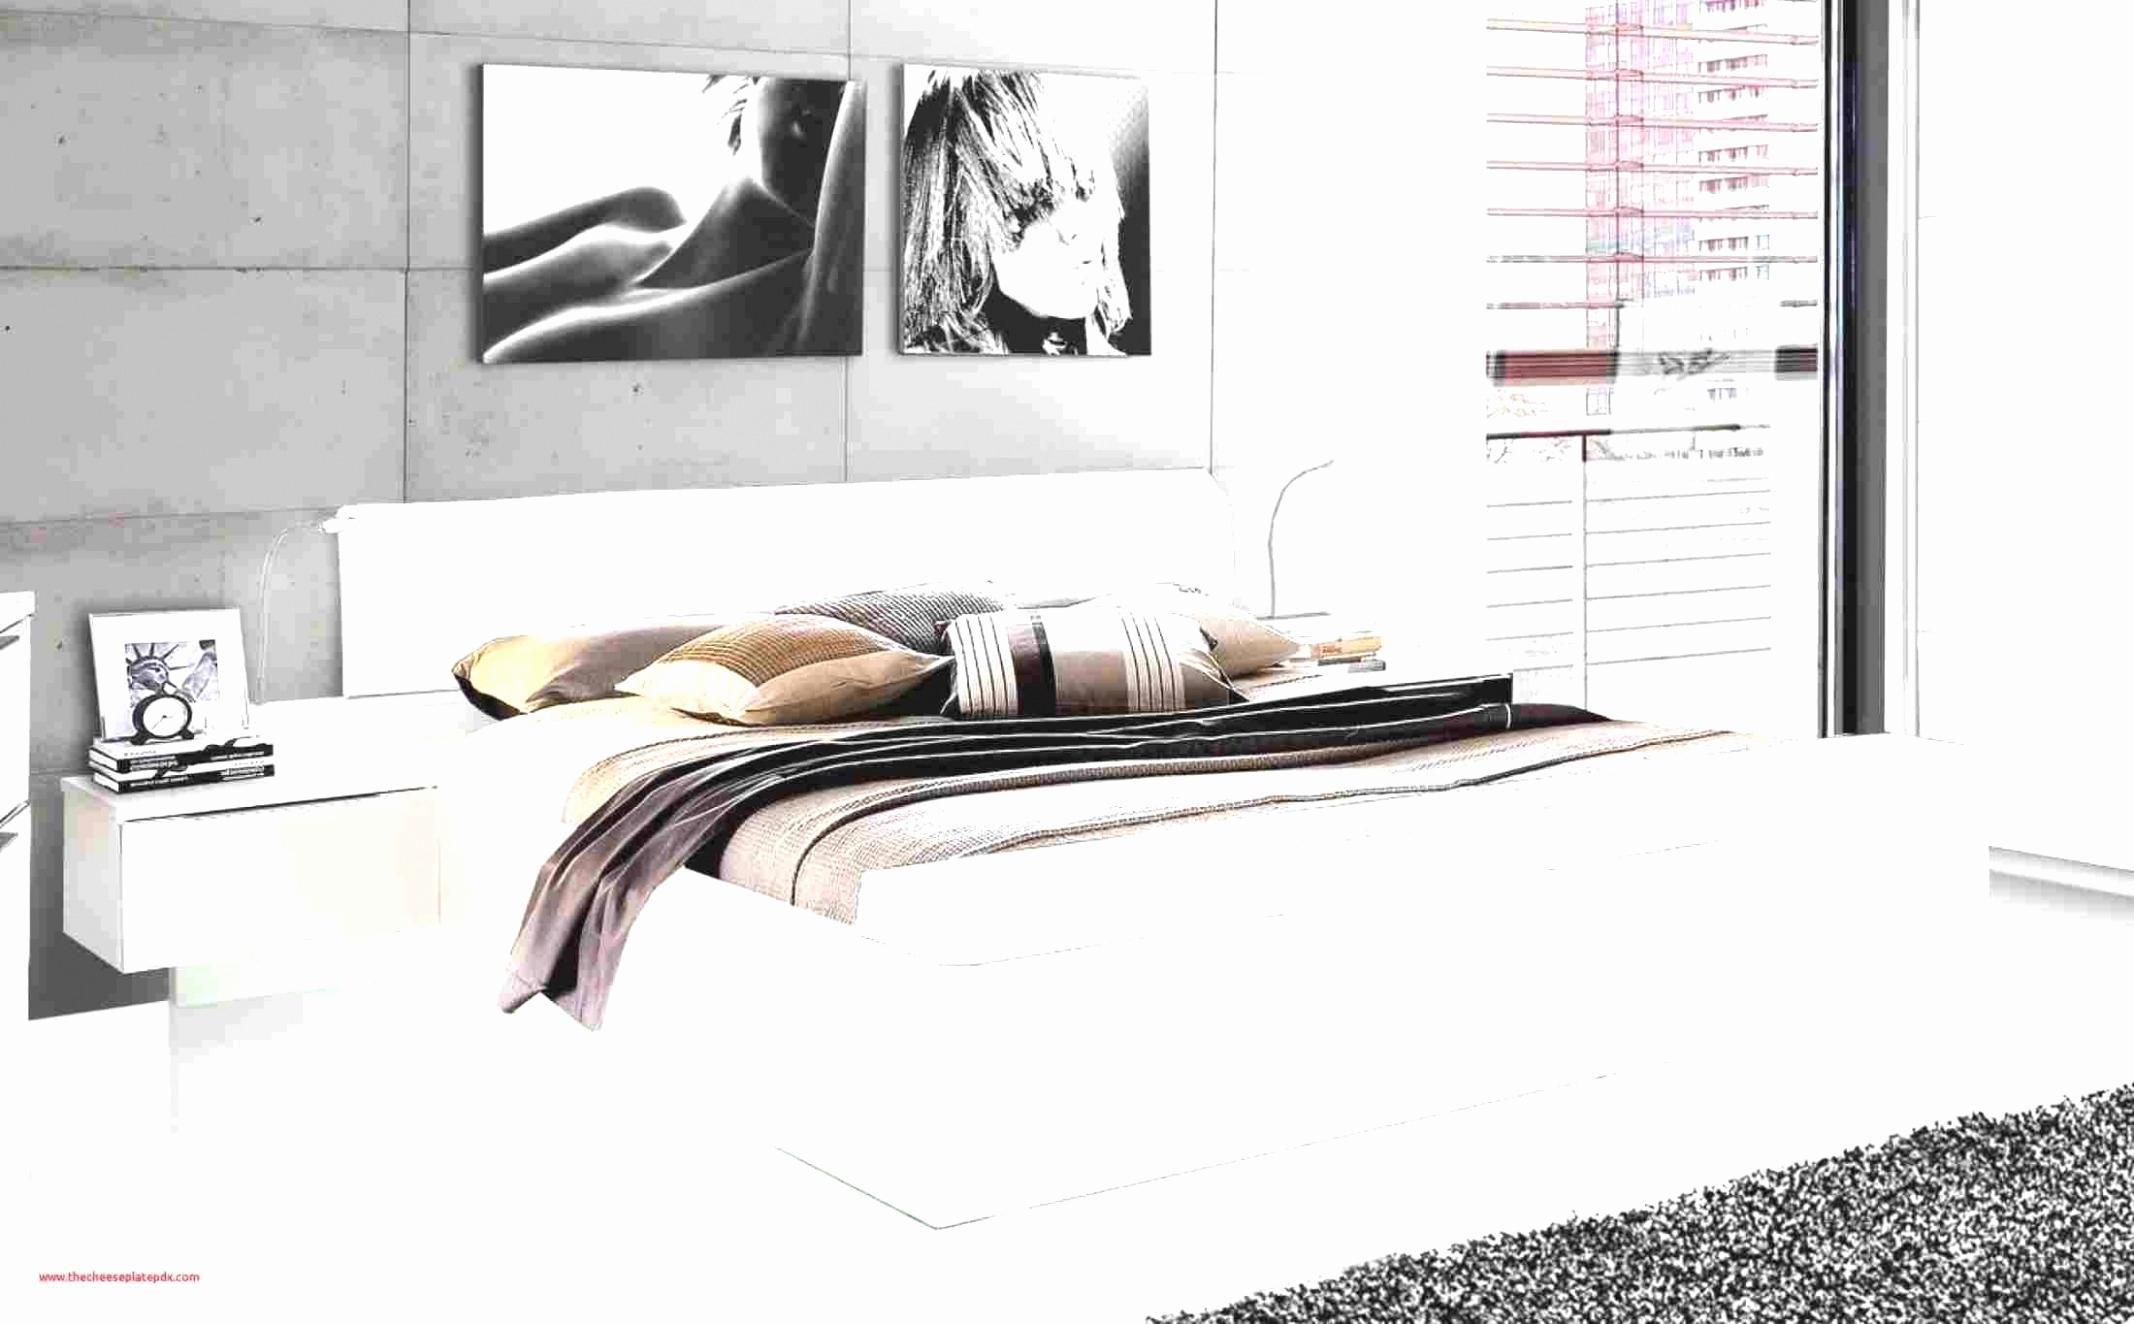 Full Size of Betten Für übergewichtige Ostermann Schlafzimmer Bett Gardinen Küche Boxspring Regal Ordner Massivholz 160x200 Amazon 180x200 Treca Ohne Kopfteil Bett Betten Für übergewichtige